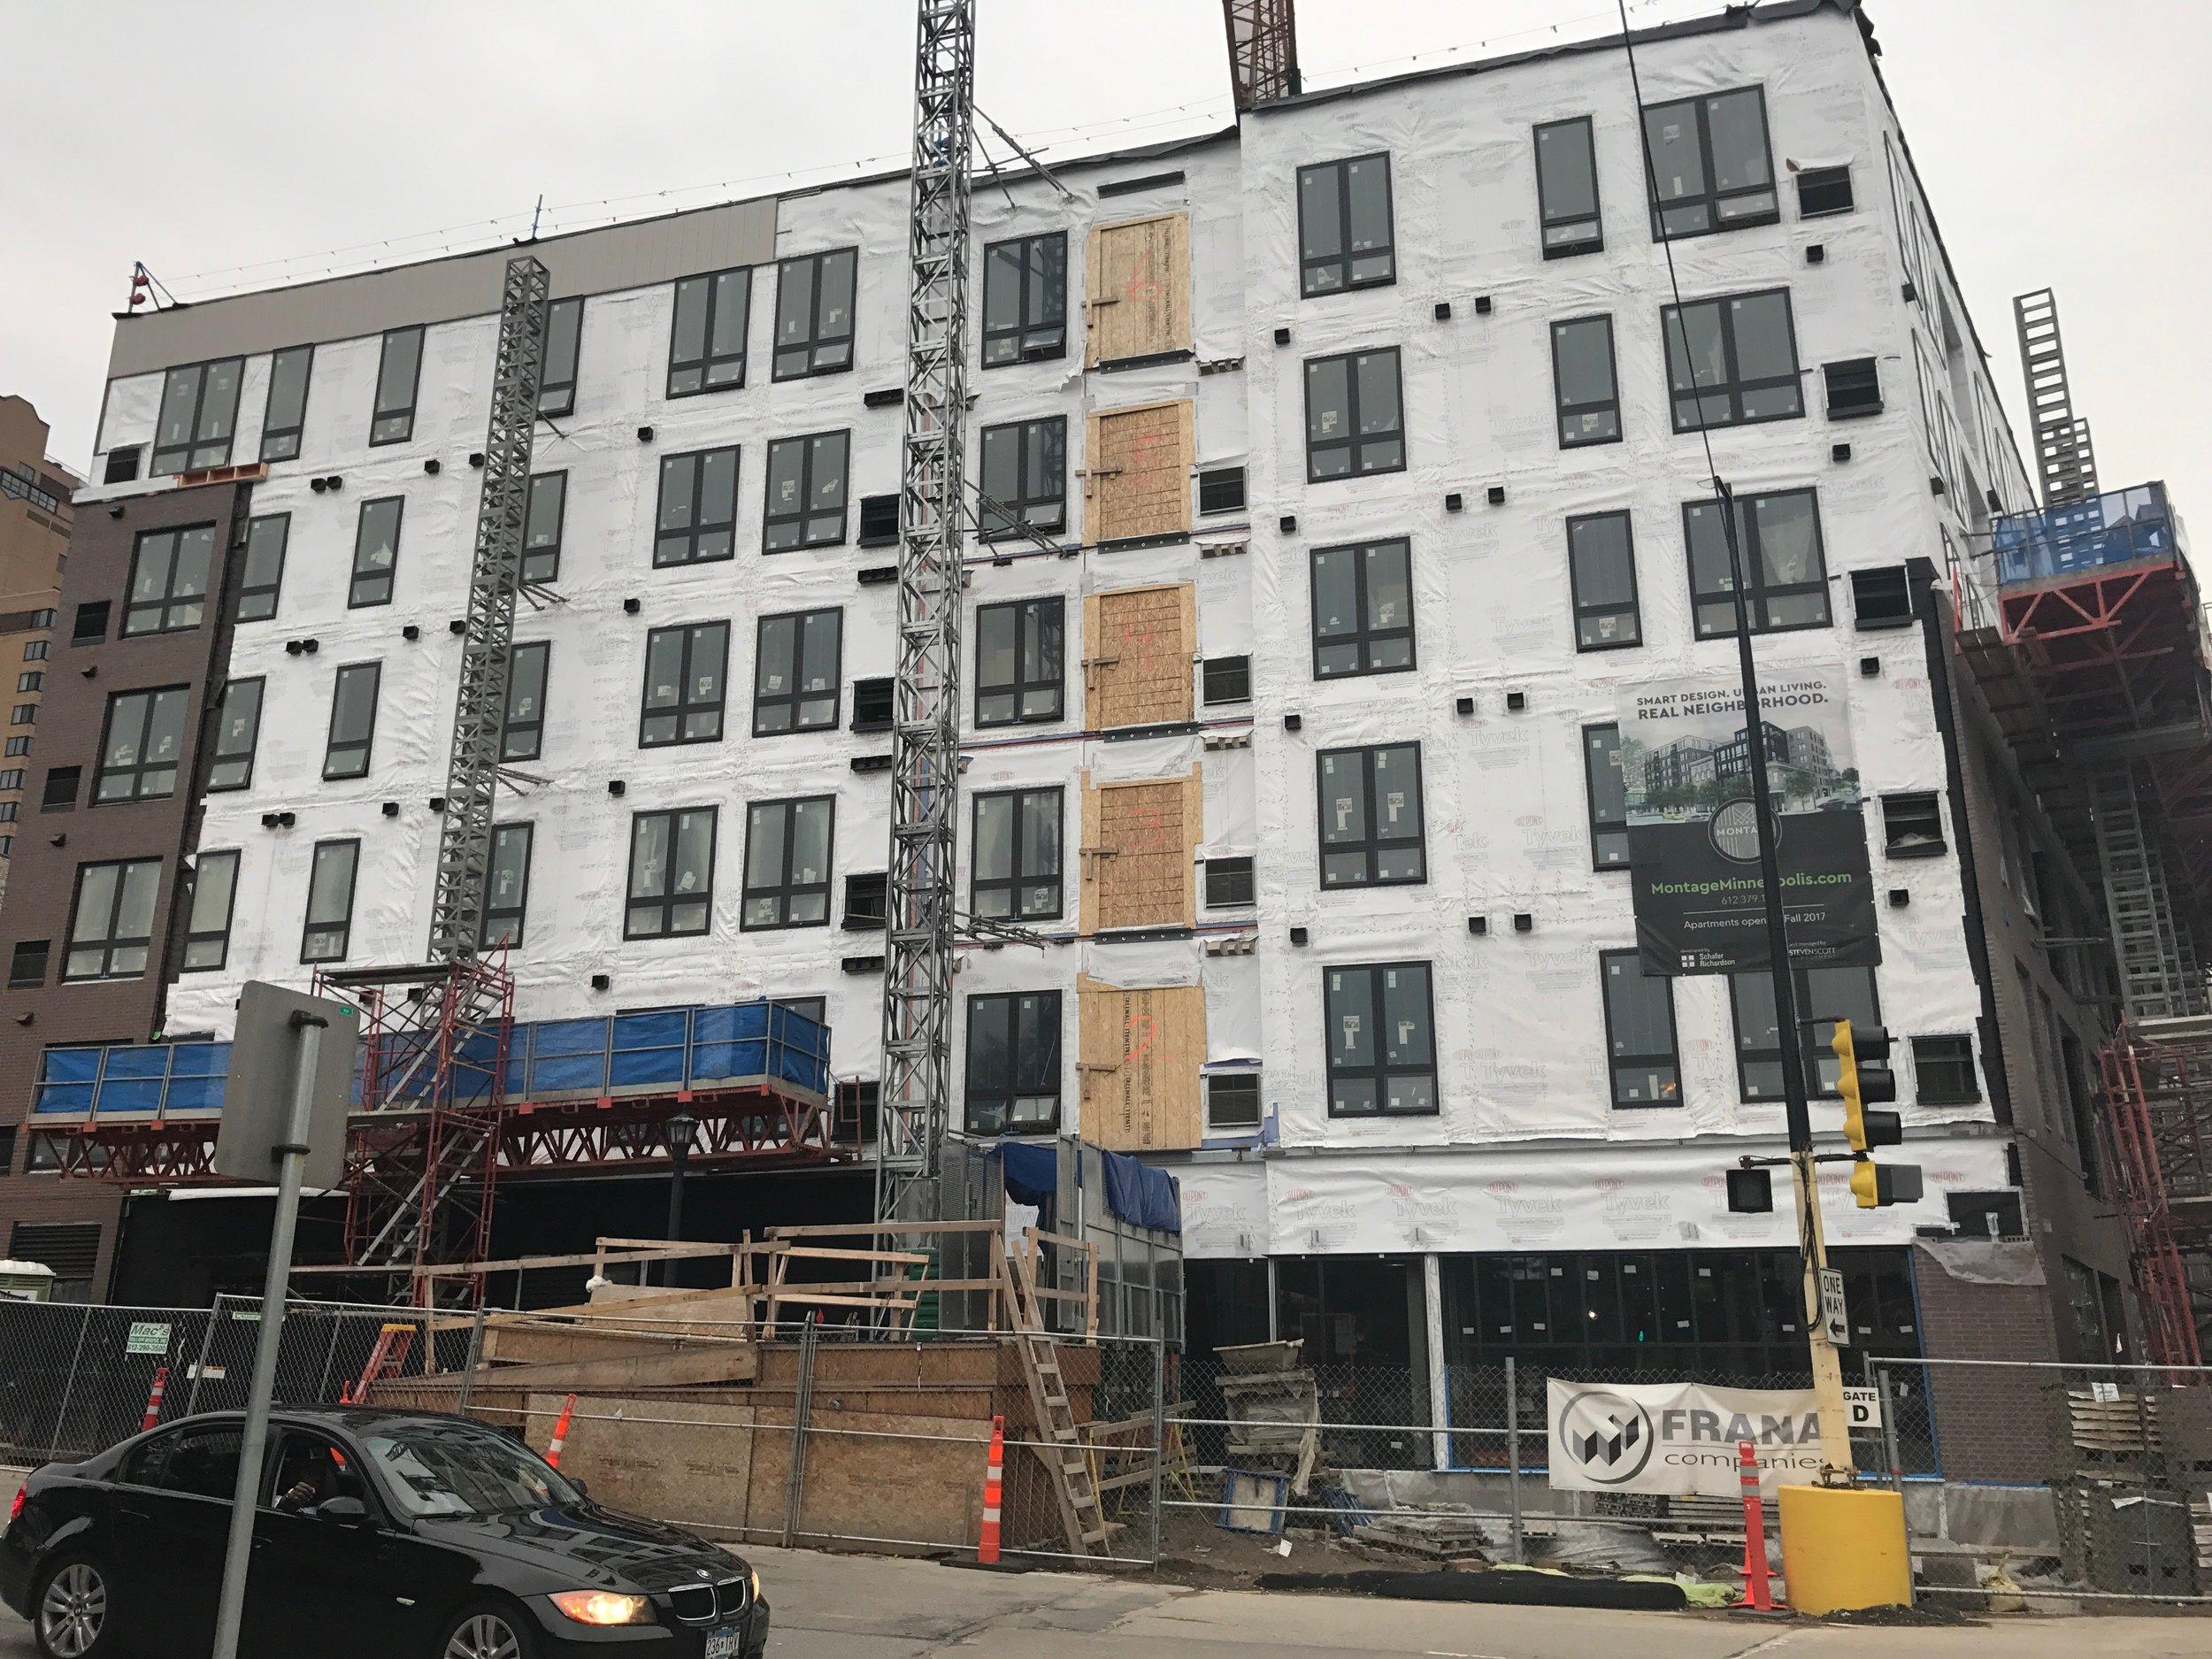 MONTAGE - CONSTRUCTION PROGESS: 08.16.17